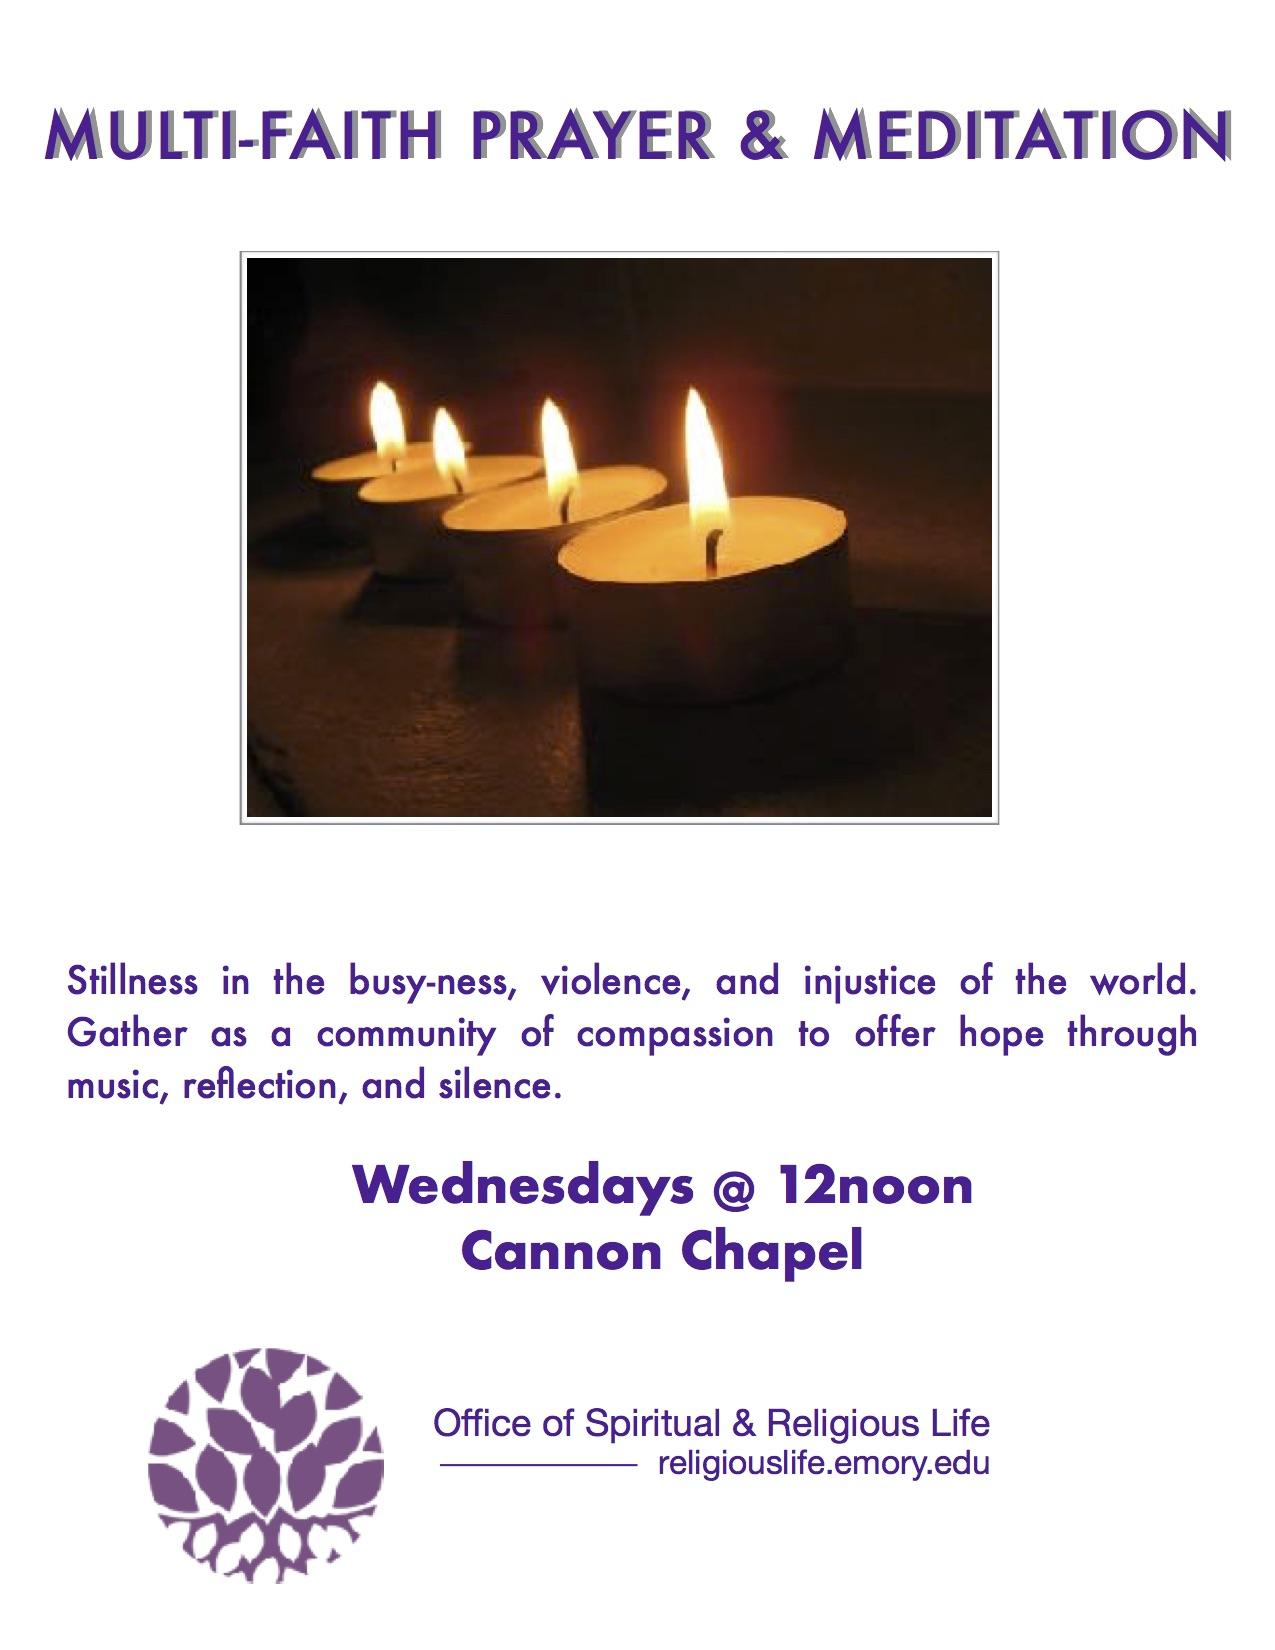 multi-faith prayer sign.jpg